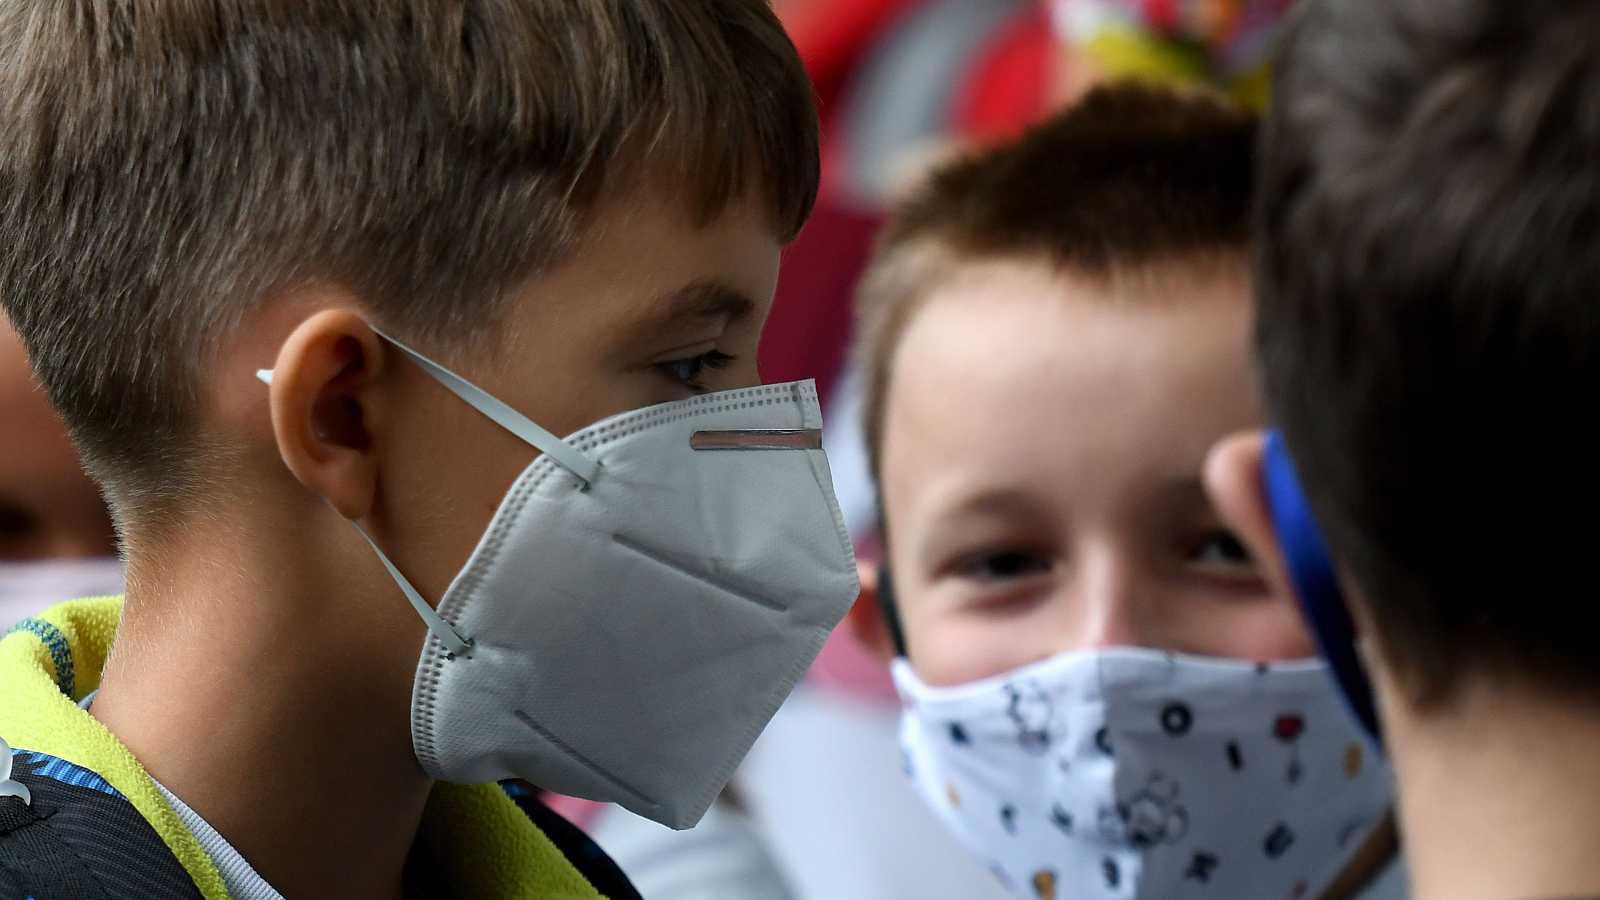 El trabajo advierte que los niños todavía tienen el potencial de transmitir el virus incluso si se detectan anticuerpos.